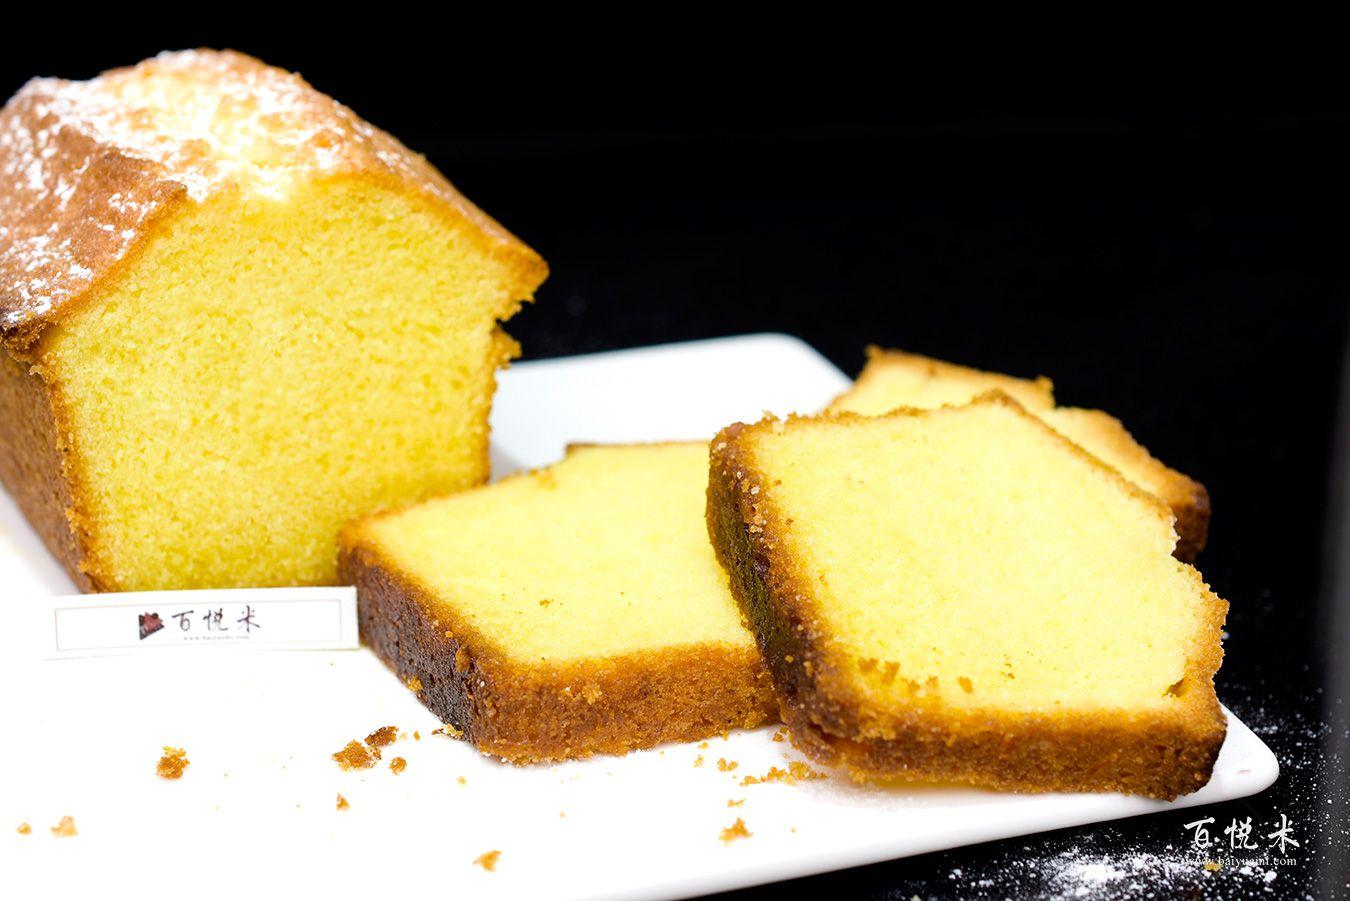 磅蛋糕的高清图片大全【蛋糕图片】_292